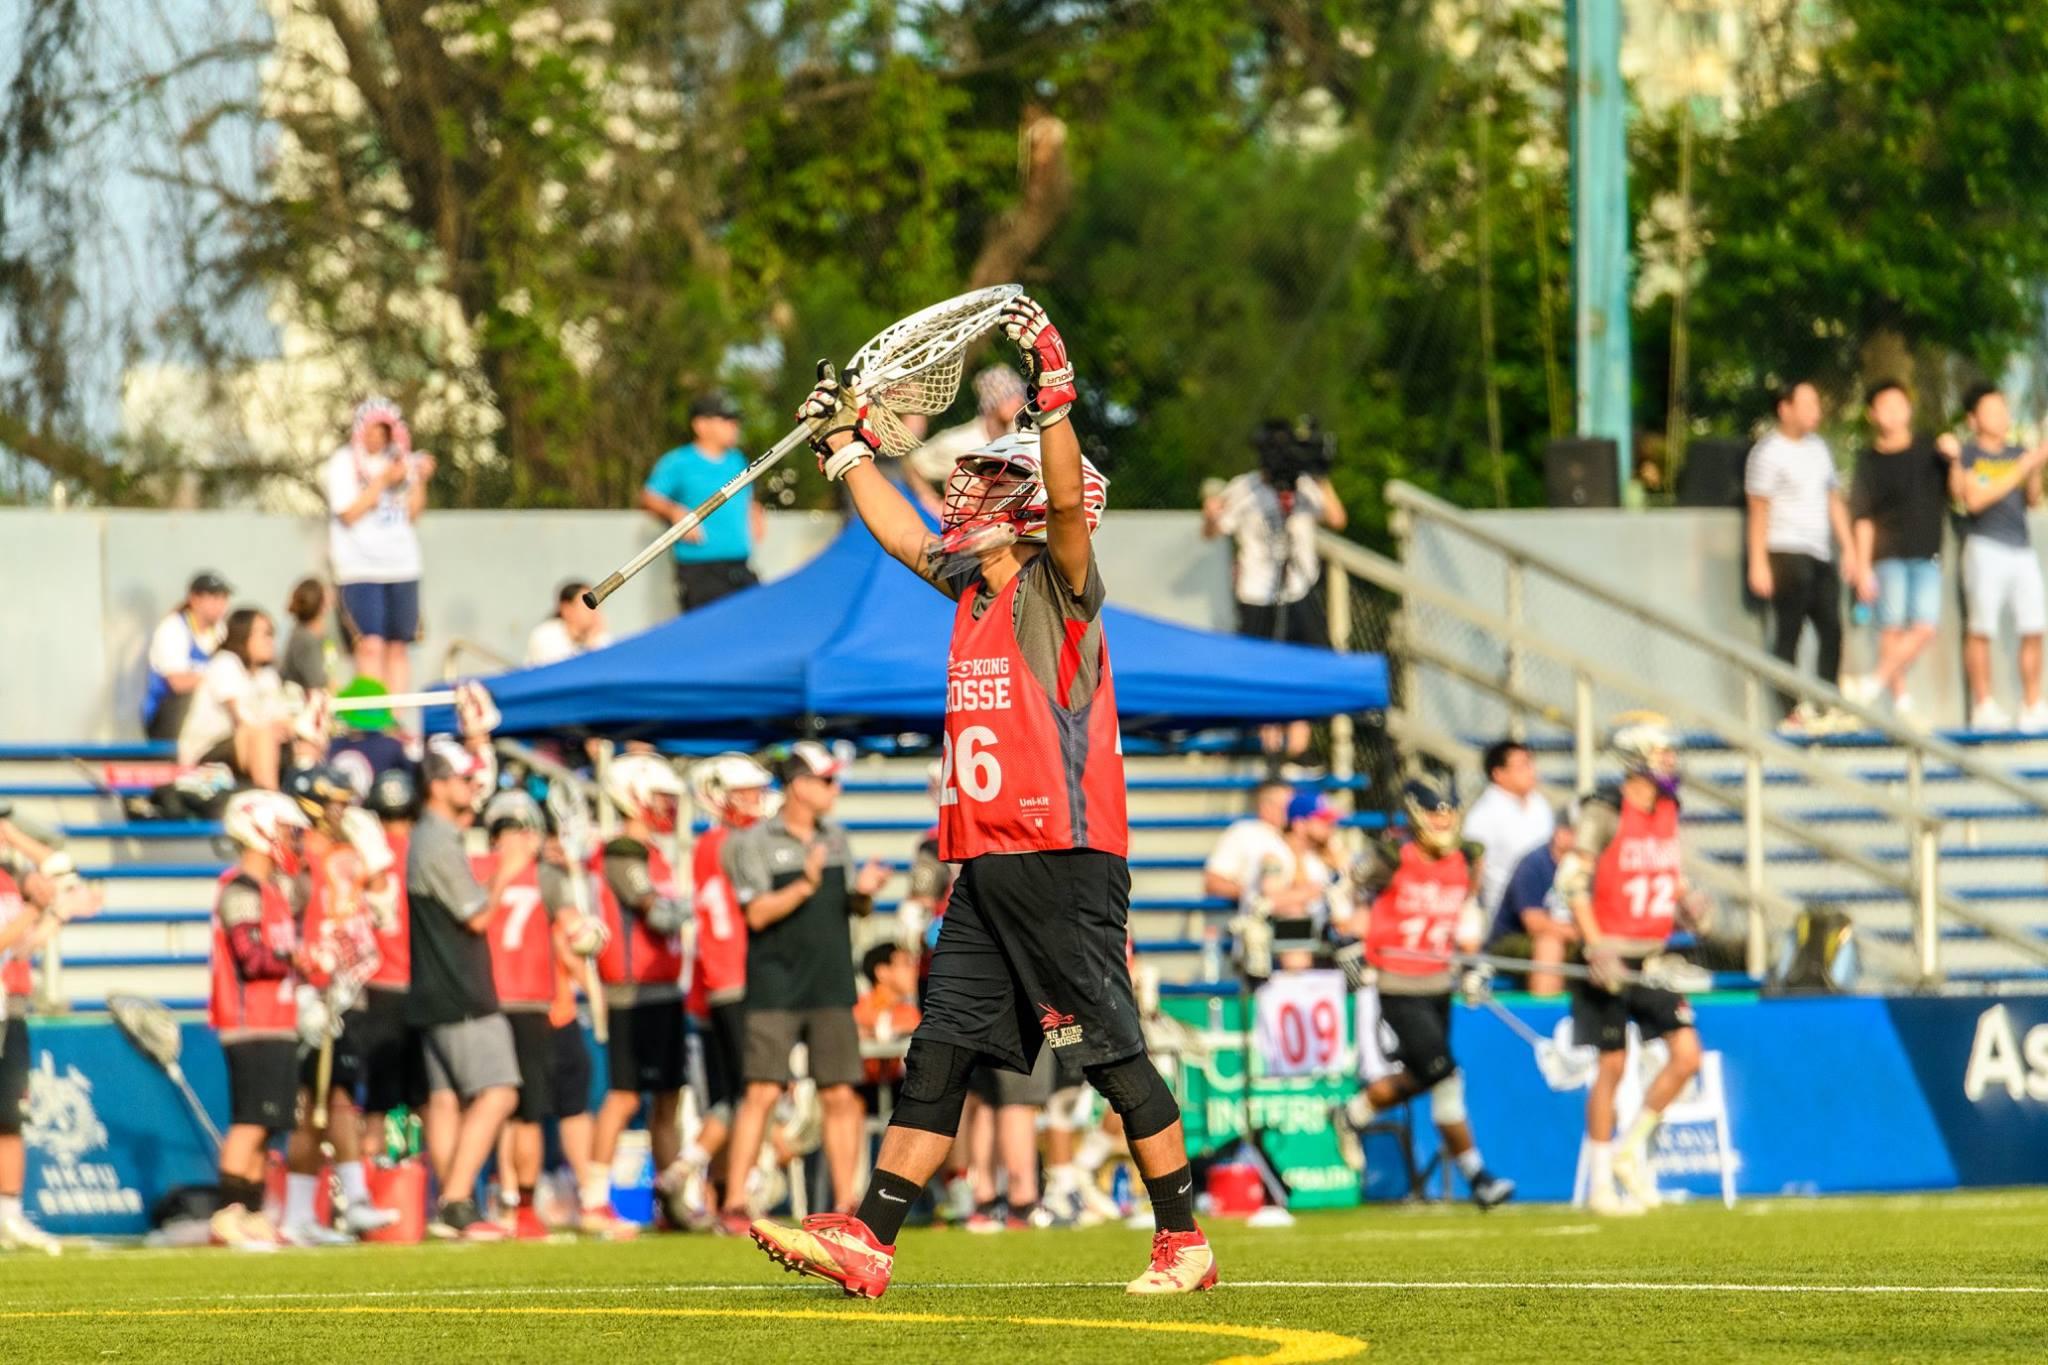 Photo: Hong Kong Lacrosse Open